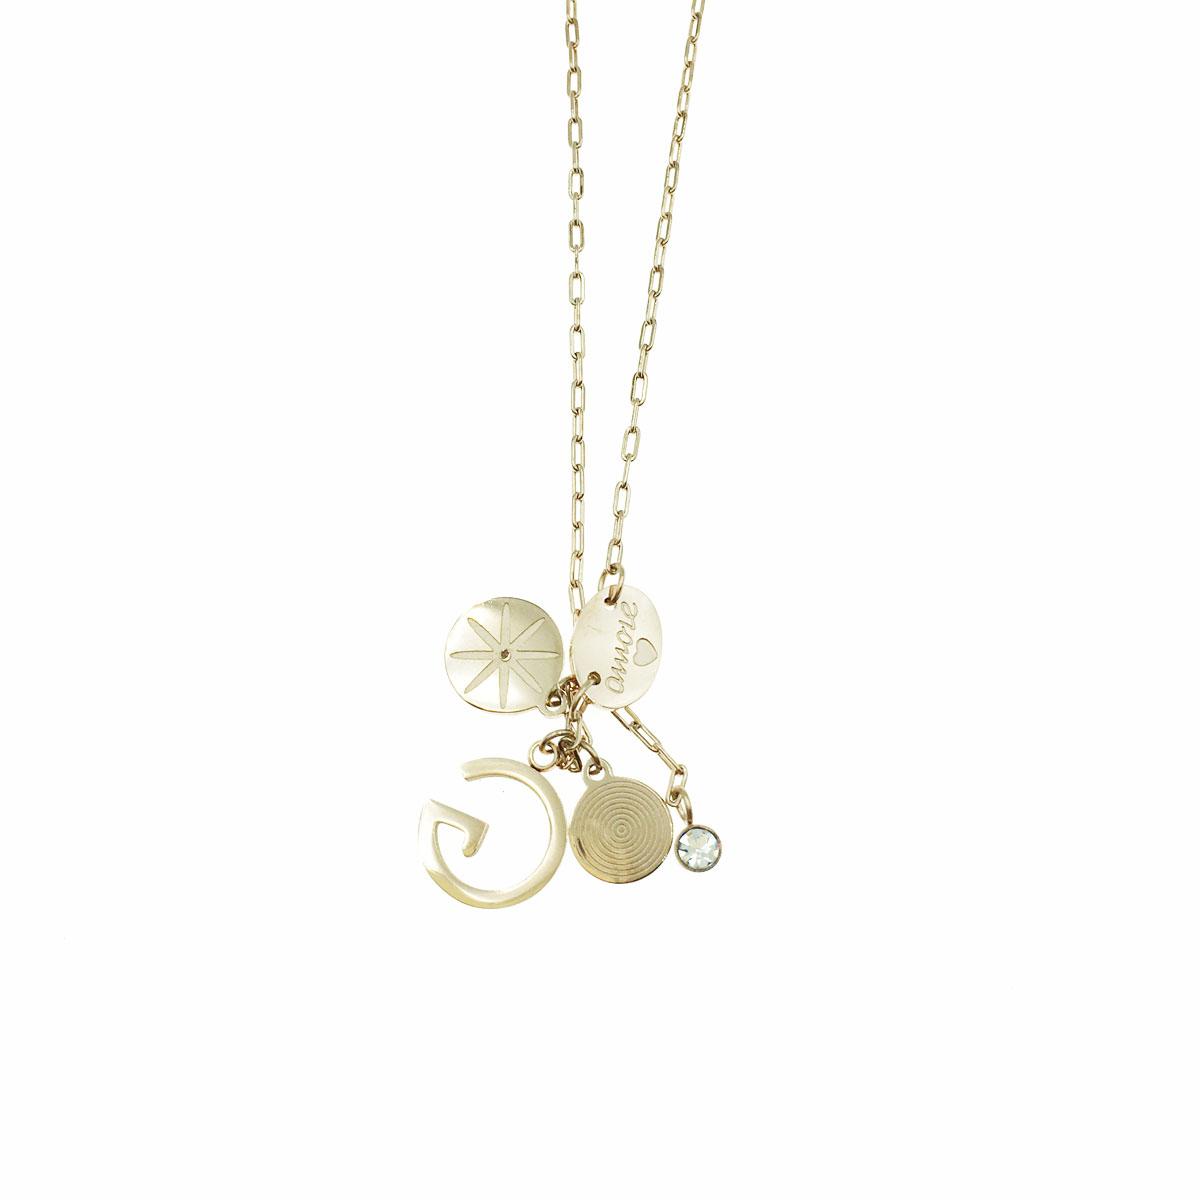 韓國 不銹鋼 水鑽 花 G 圓 鎖骨鍊 短鍊 項鍊 飾品